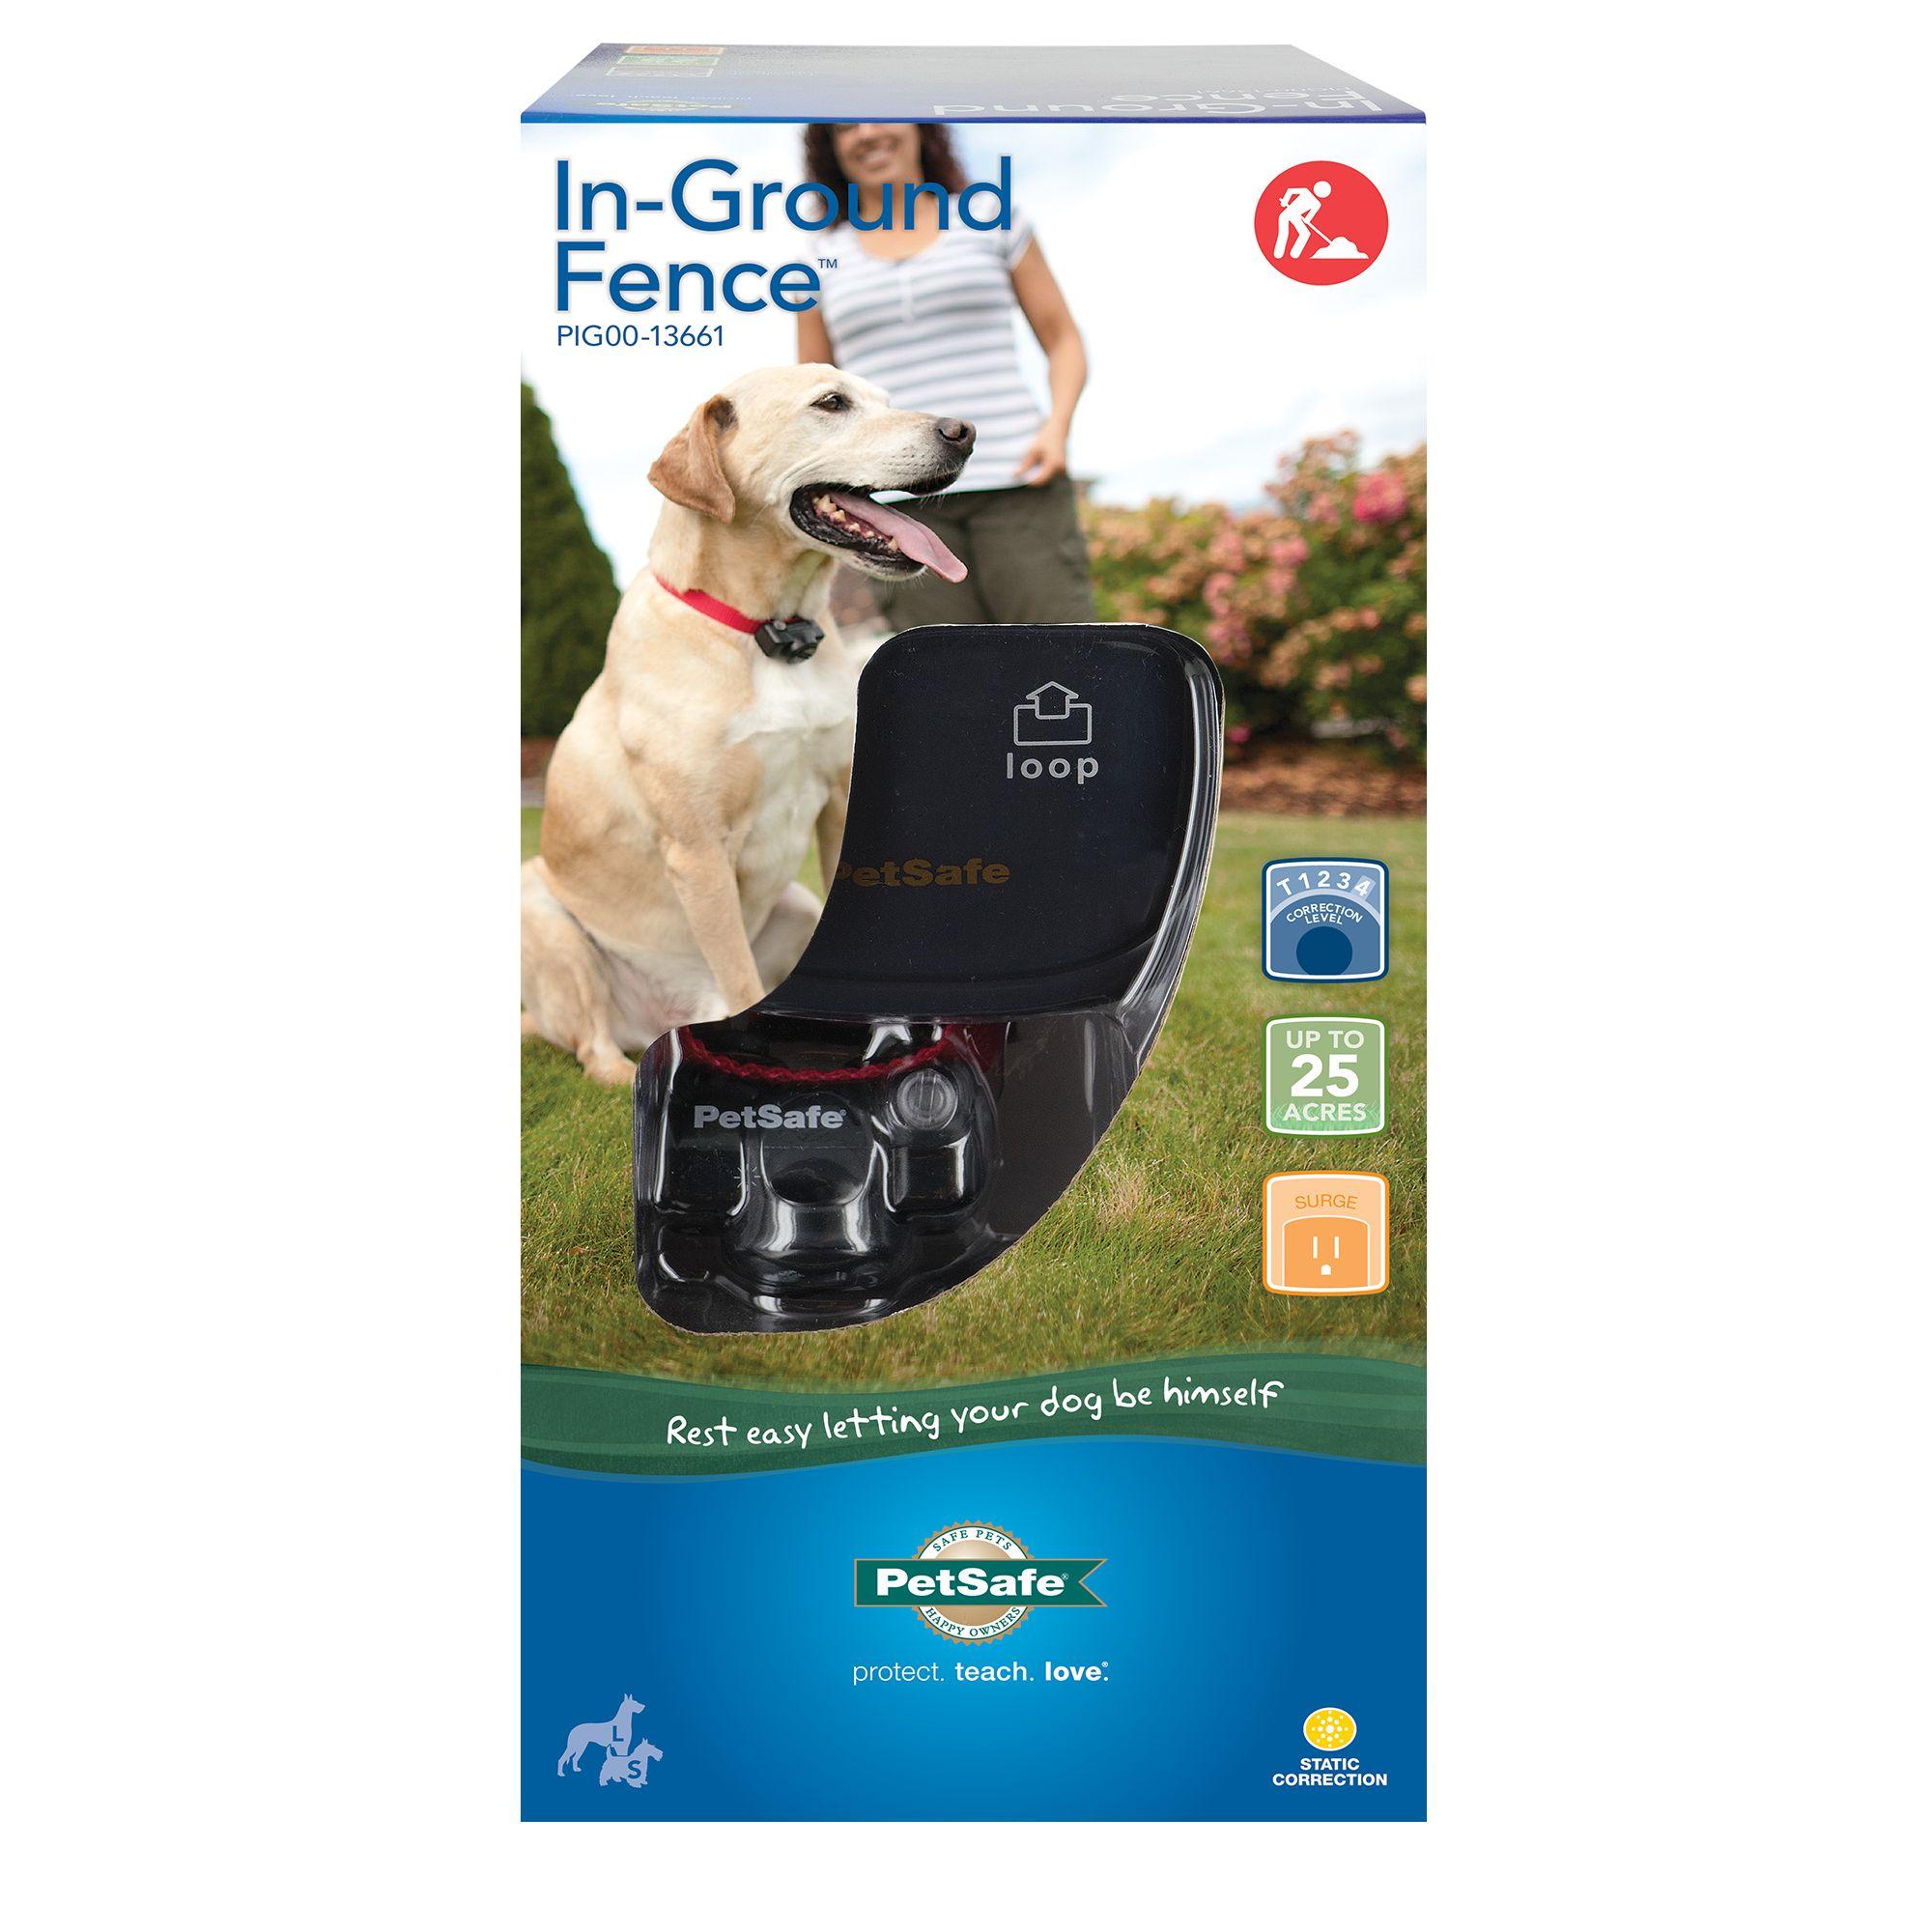 Petsafe In Ground Dog Fence Dog Fence Systems Petsmart